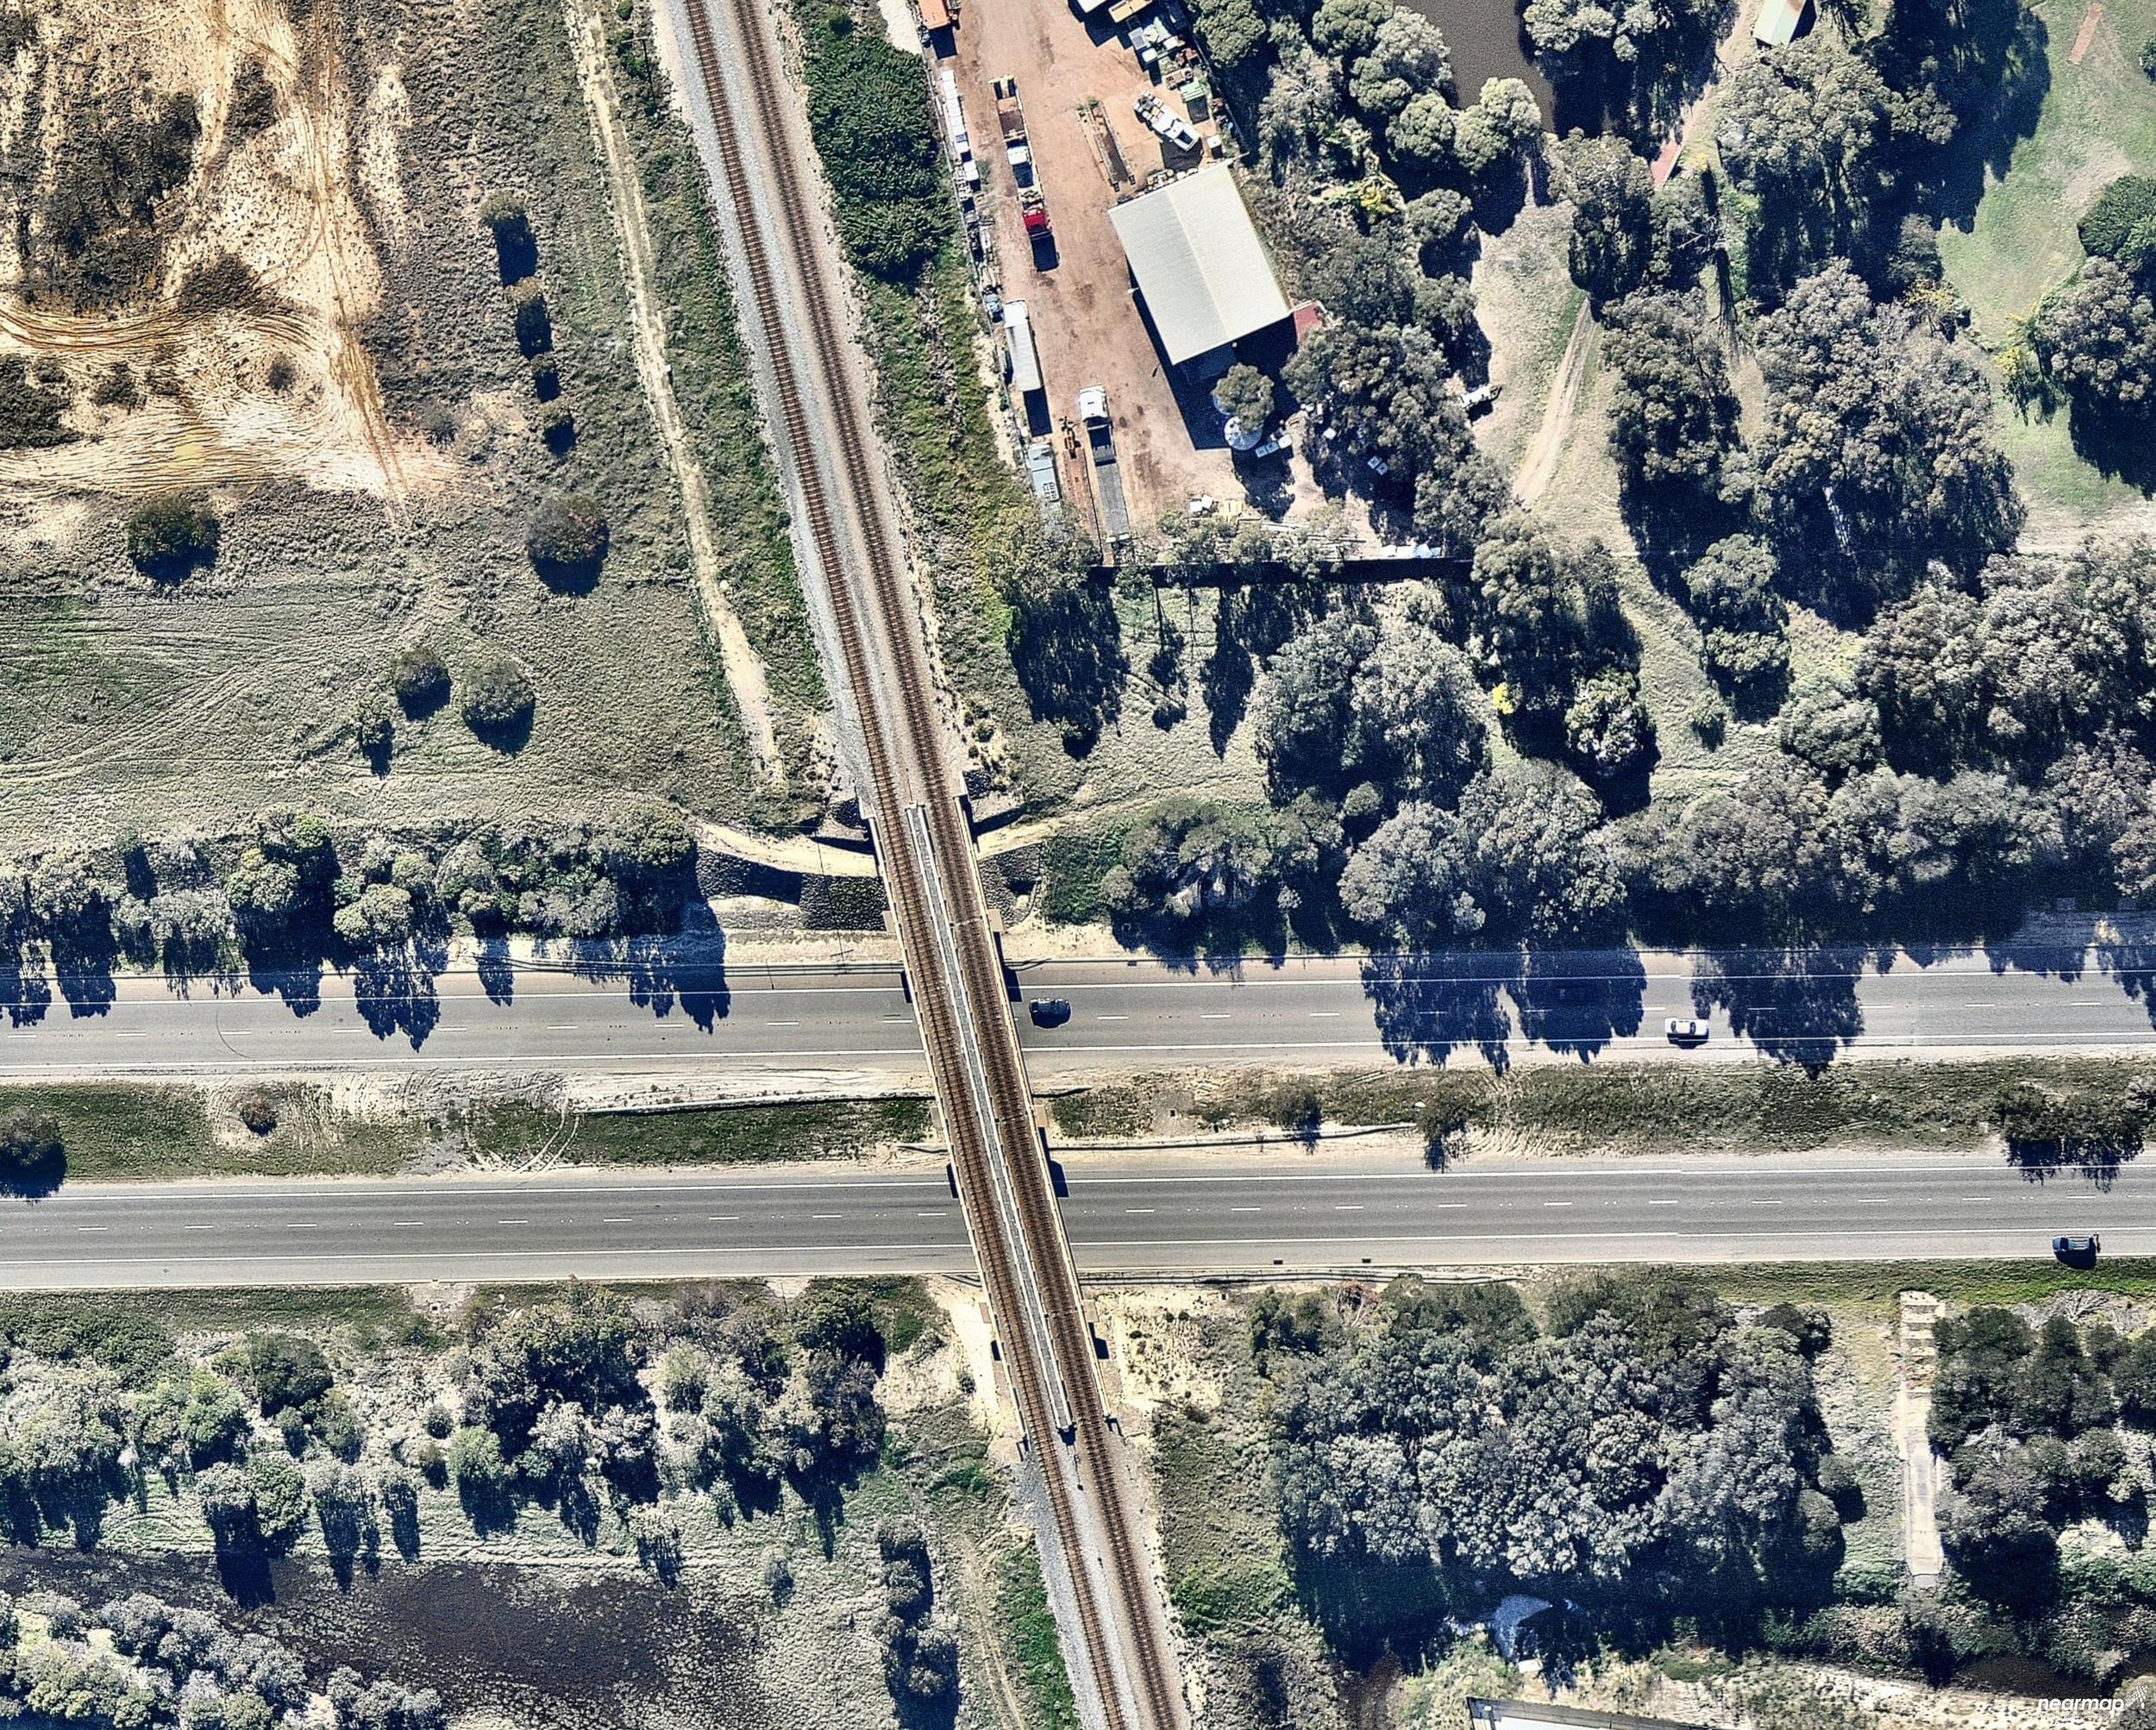 Brookfield Rail_Image.jpg